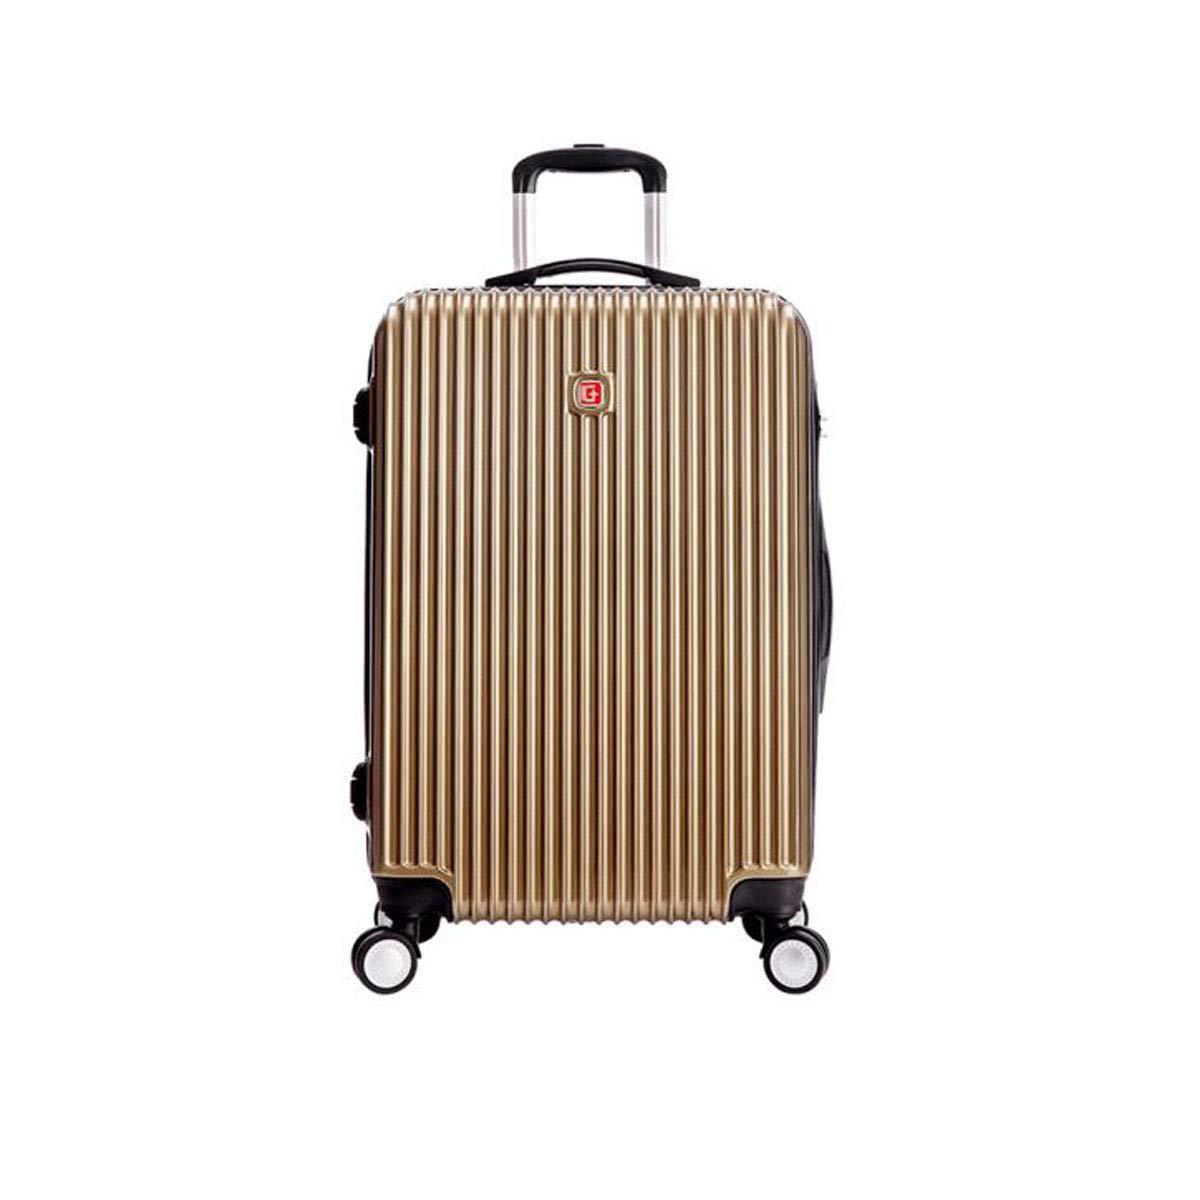 Aishanghuayi スーツケース 耐摩耗性 傷つきにくい ハードケース ローリング TSAロック スーツケース カラー ブラック サイズ(38 24 57) cm (カラー:ピンク サイズ:161023インチ) B07MT88625